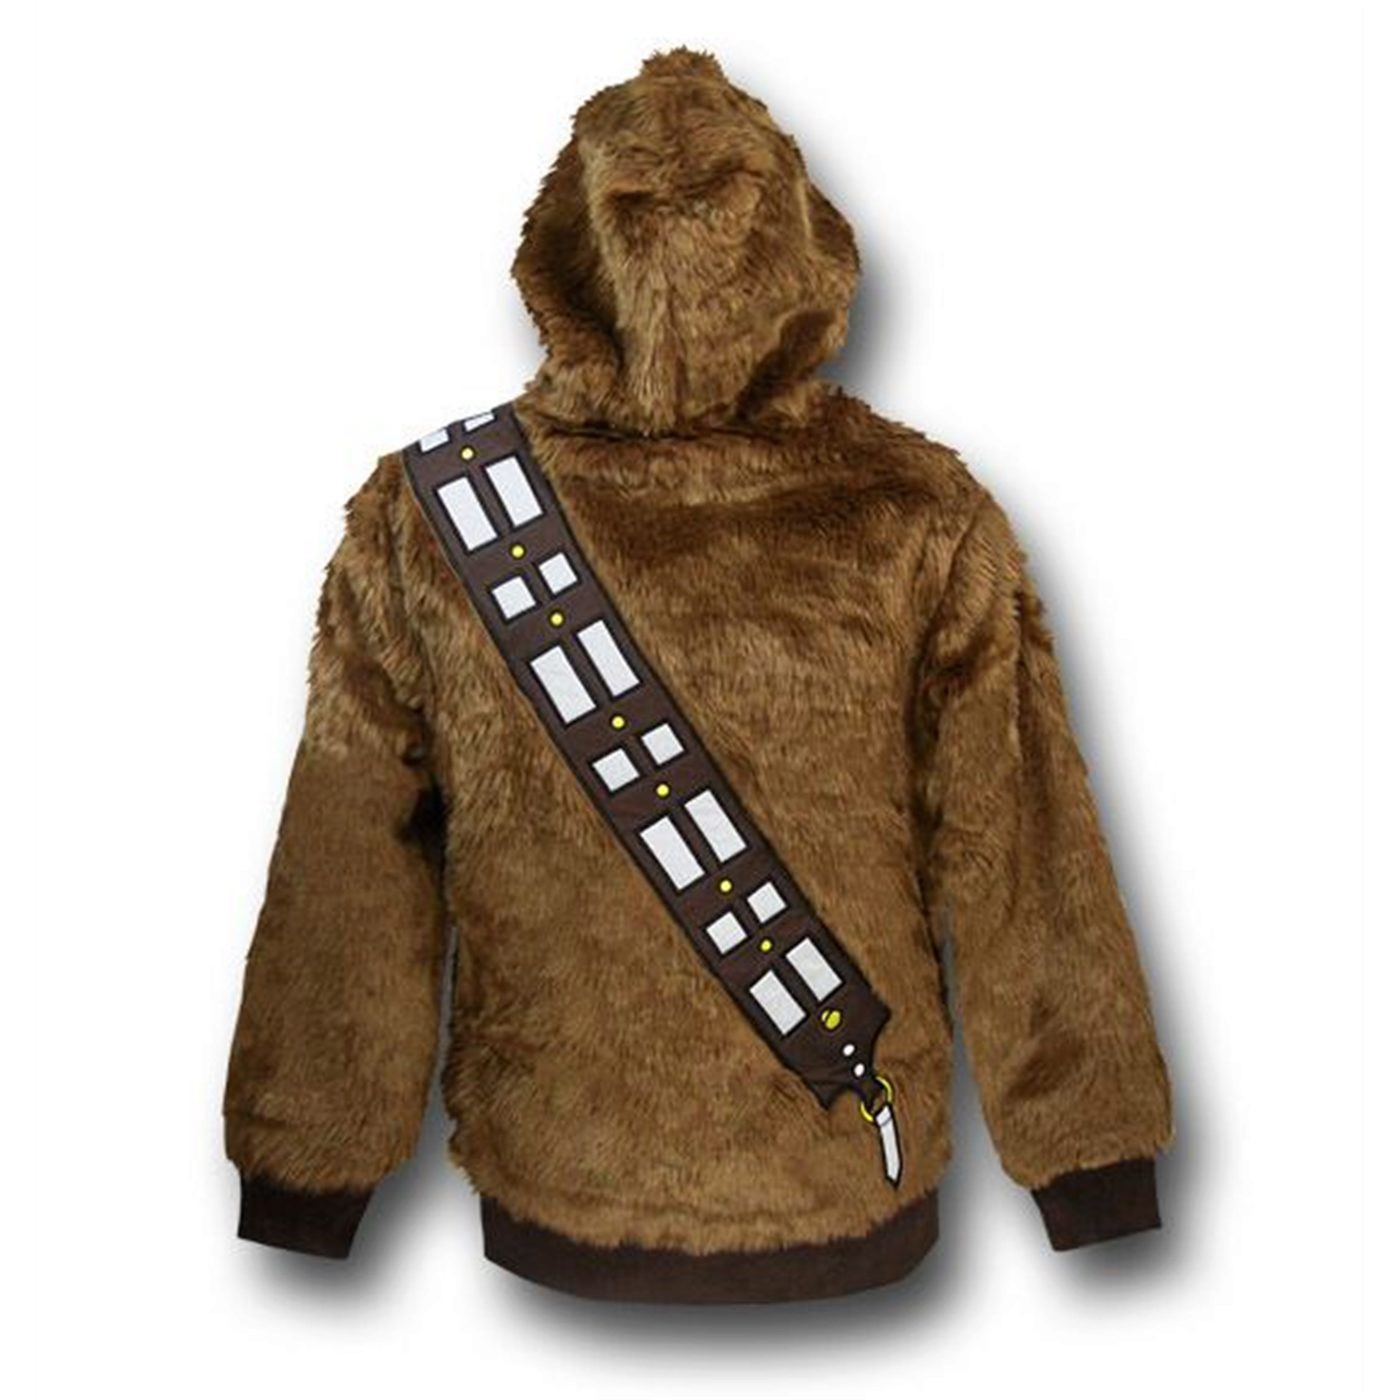 Chewbacca Costume Zip-Up Hoodie